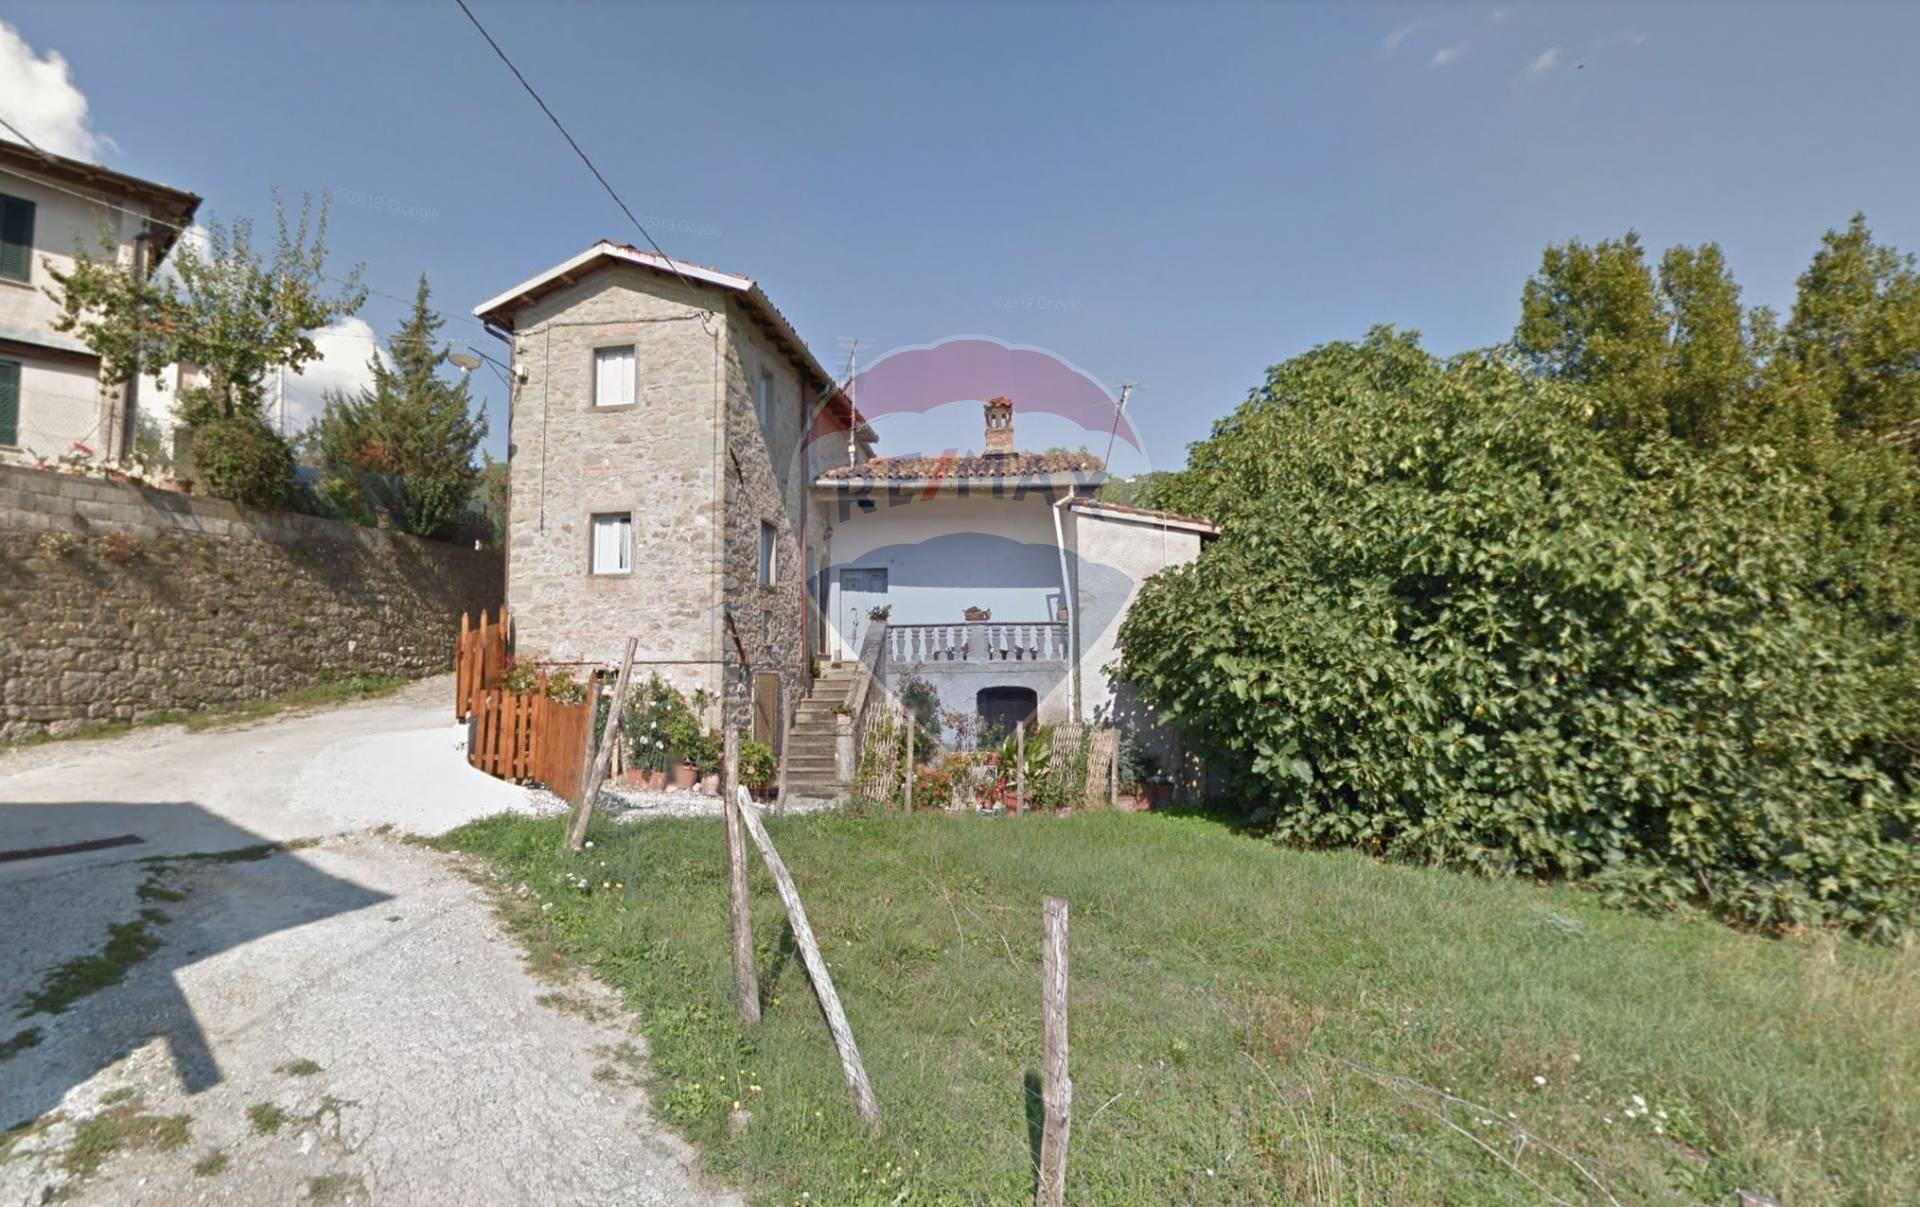 Soluzione Semindipendente in vendita a Villa Collemandina, 5 locali, prezzo € 43.000 | CambioCasa.it